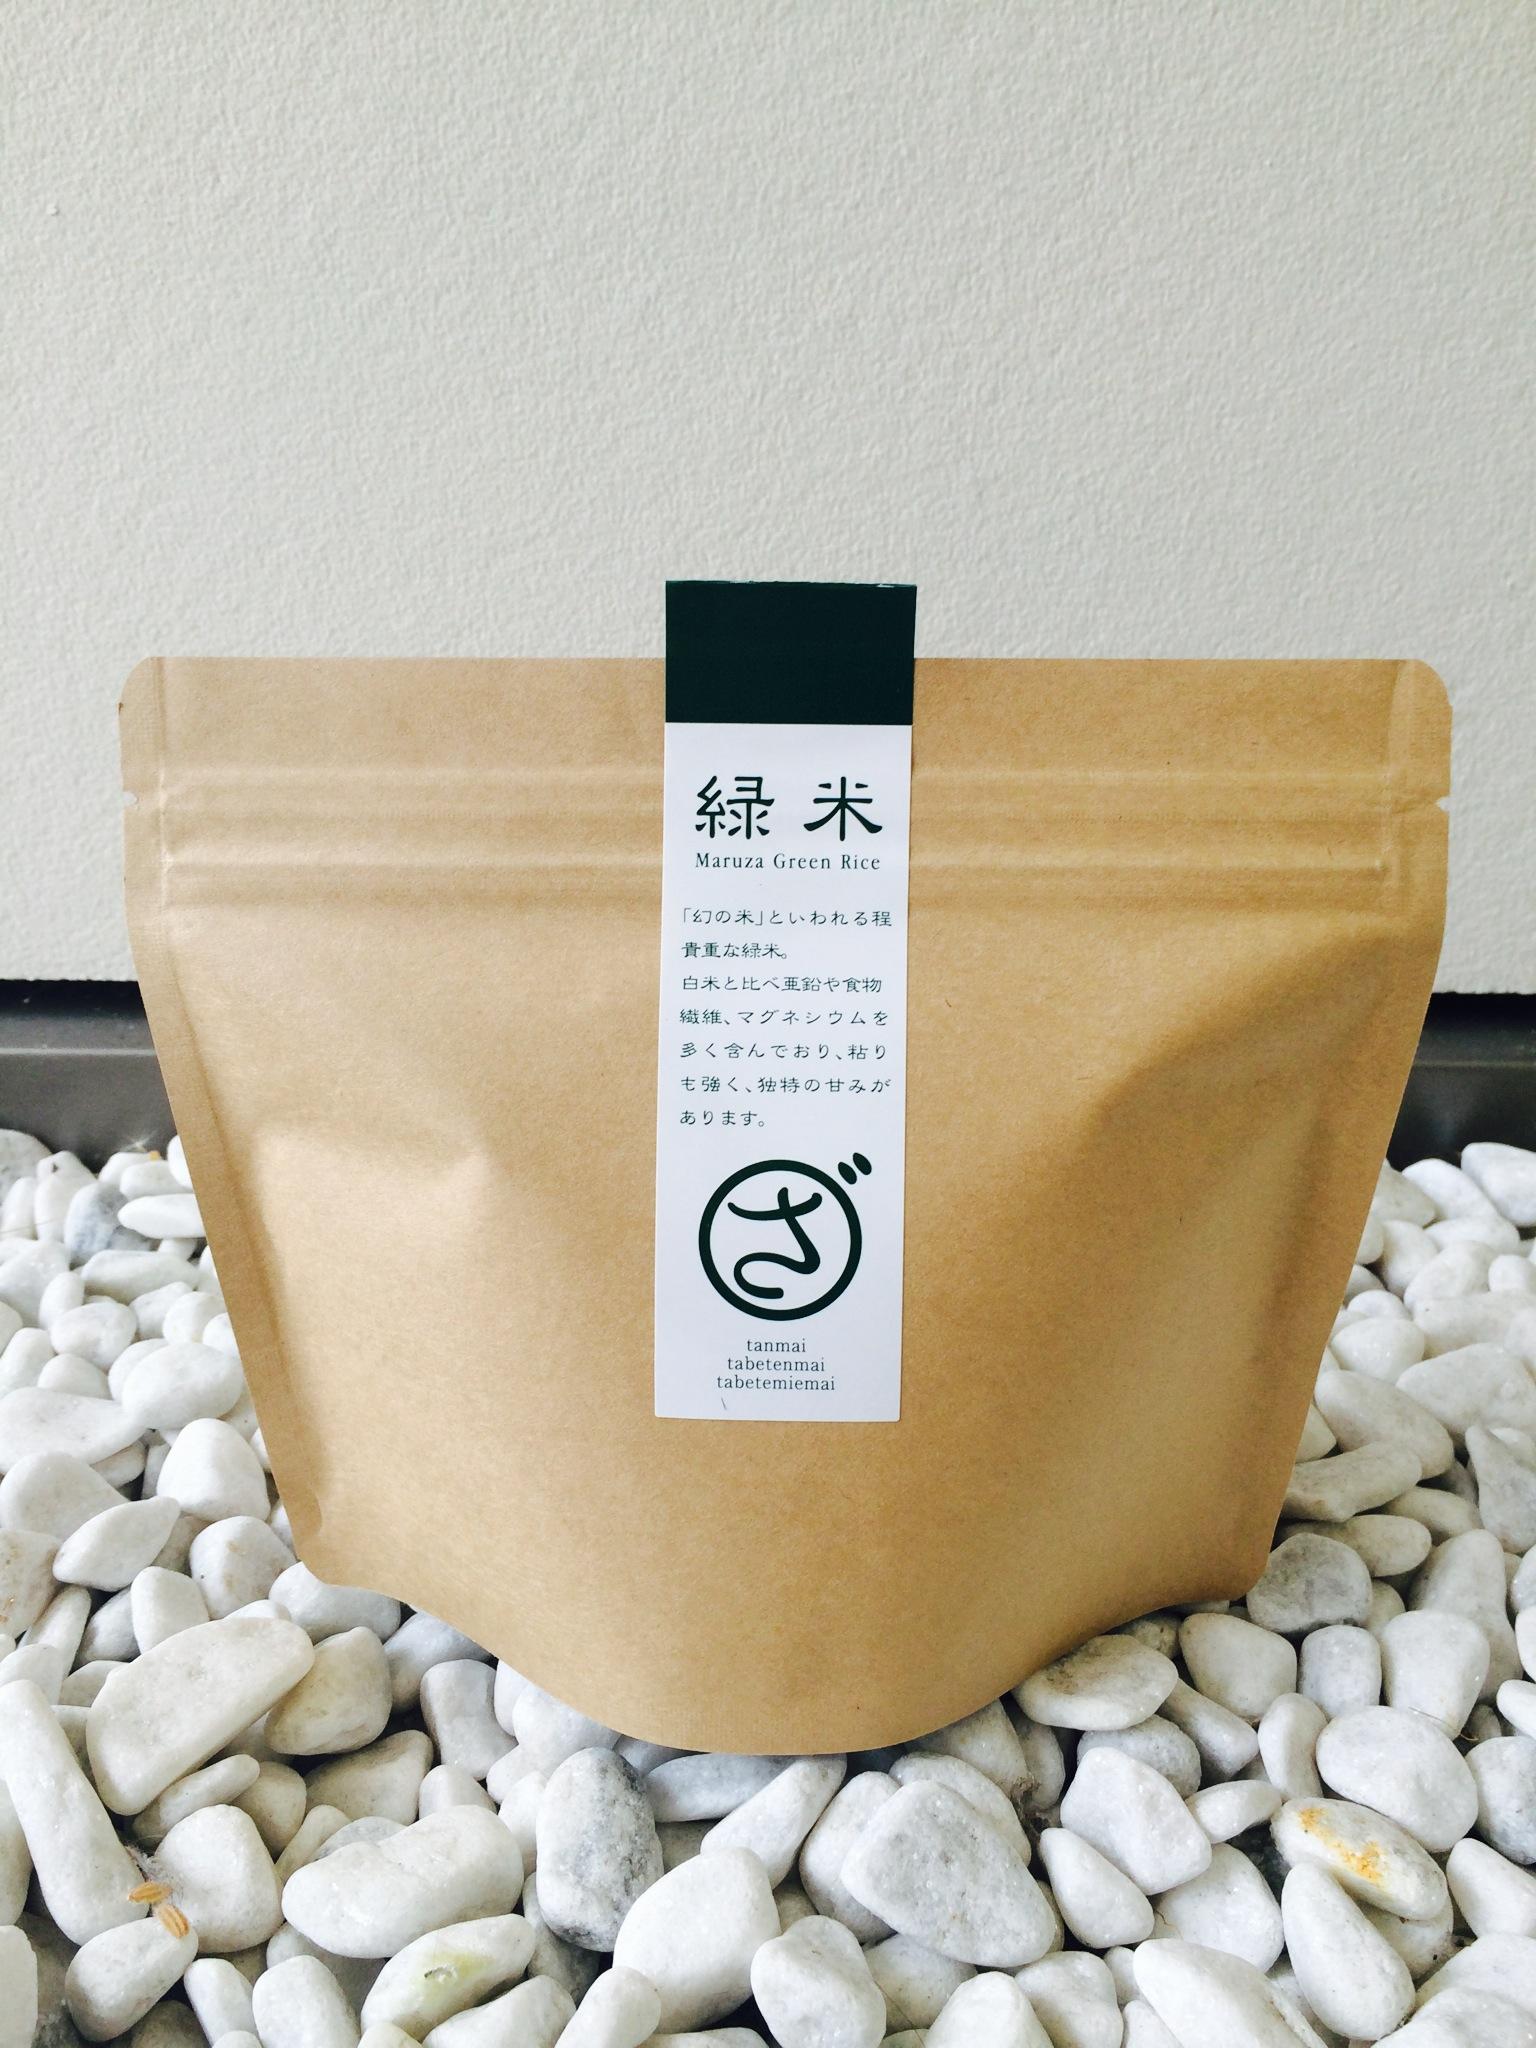 【まるざ古代米】緑米 400g